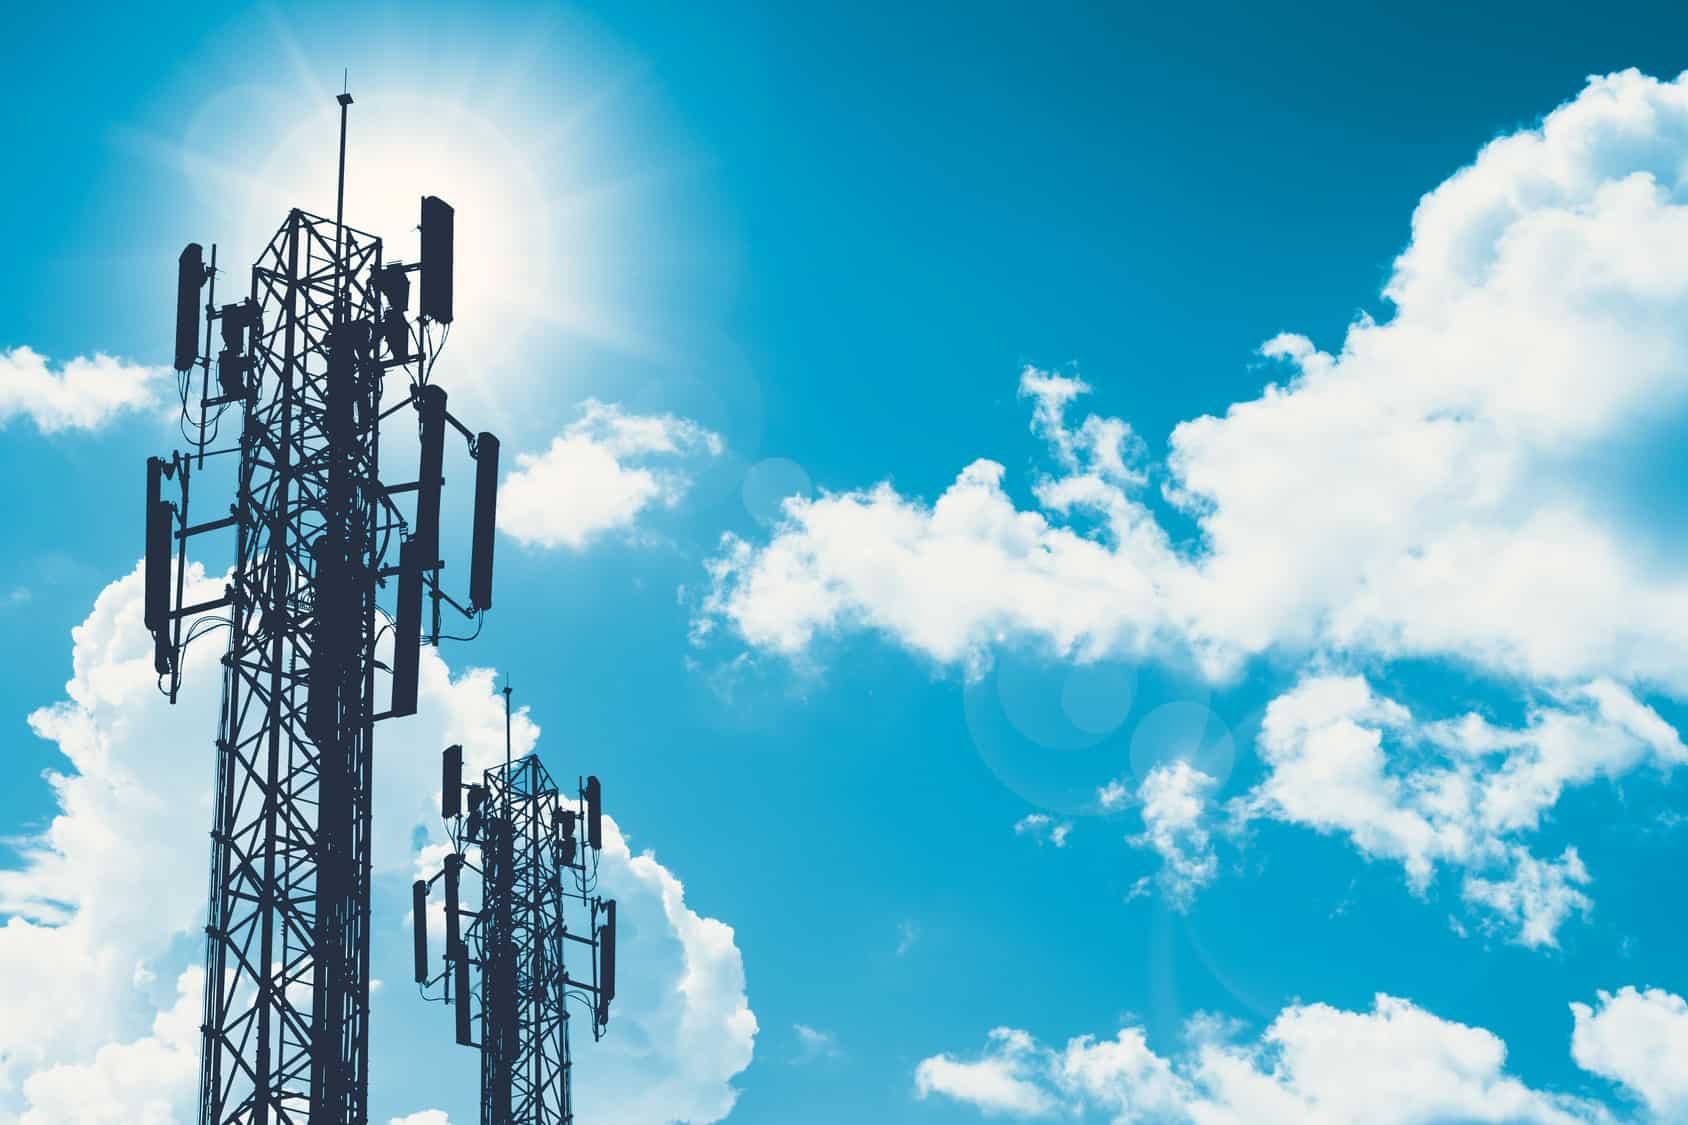 El Sindicato de Telefonistas de la República Mexicana aseguró que continuará su oposición contra la separación funcional de Teléfonos de México, ordenada por el IFT.